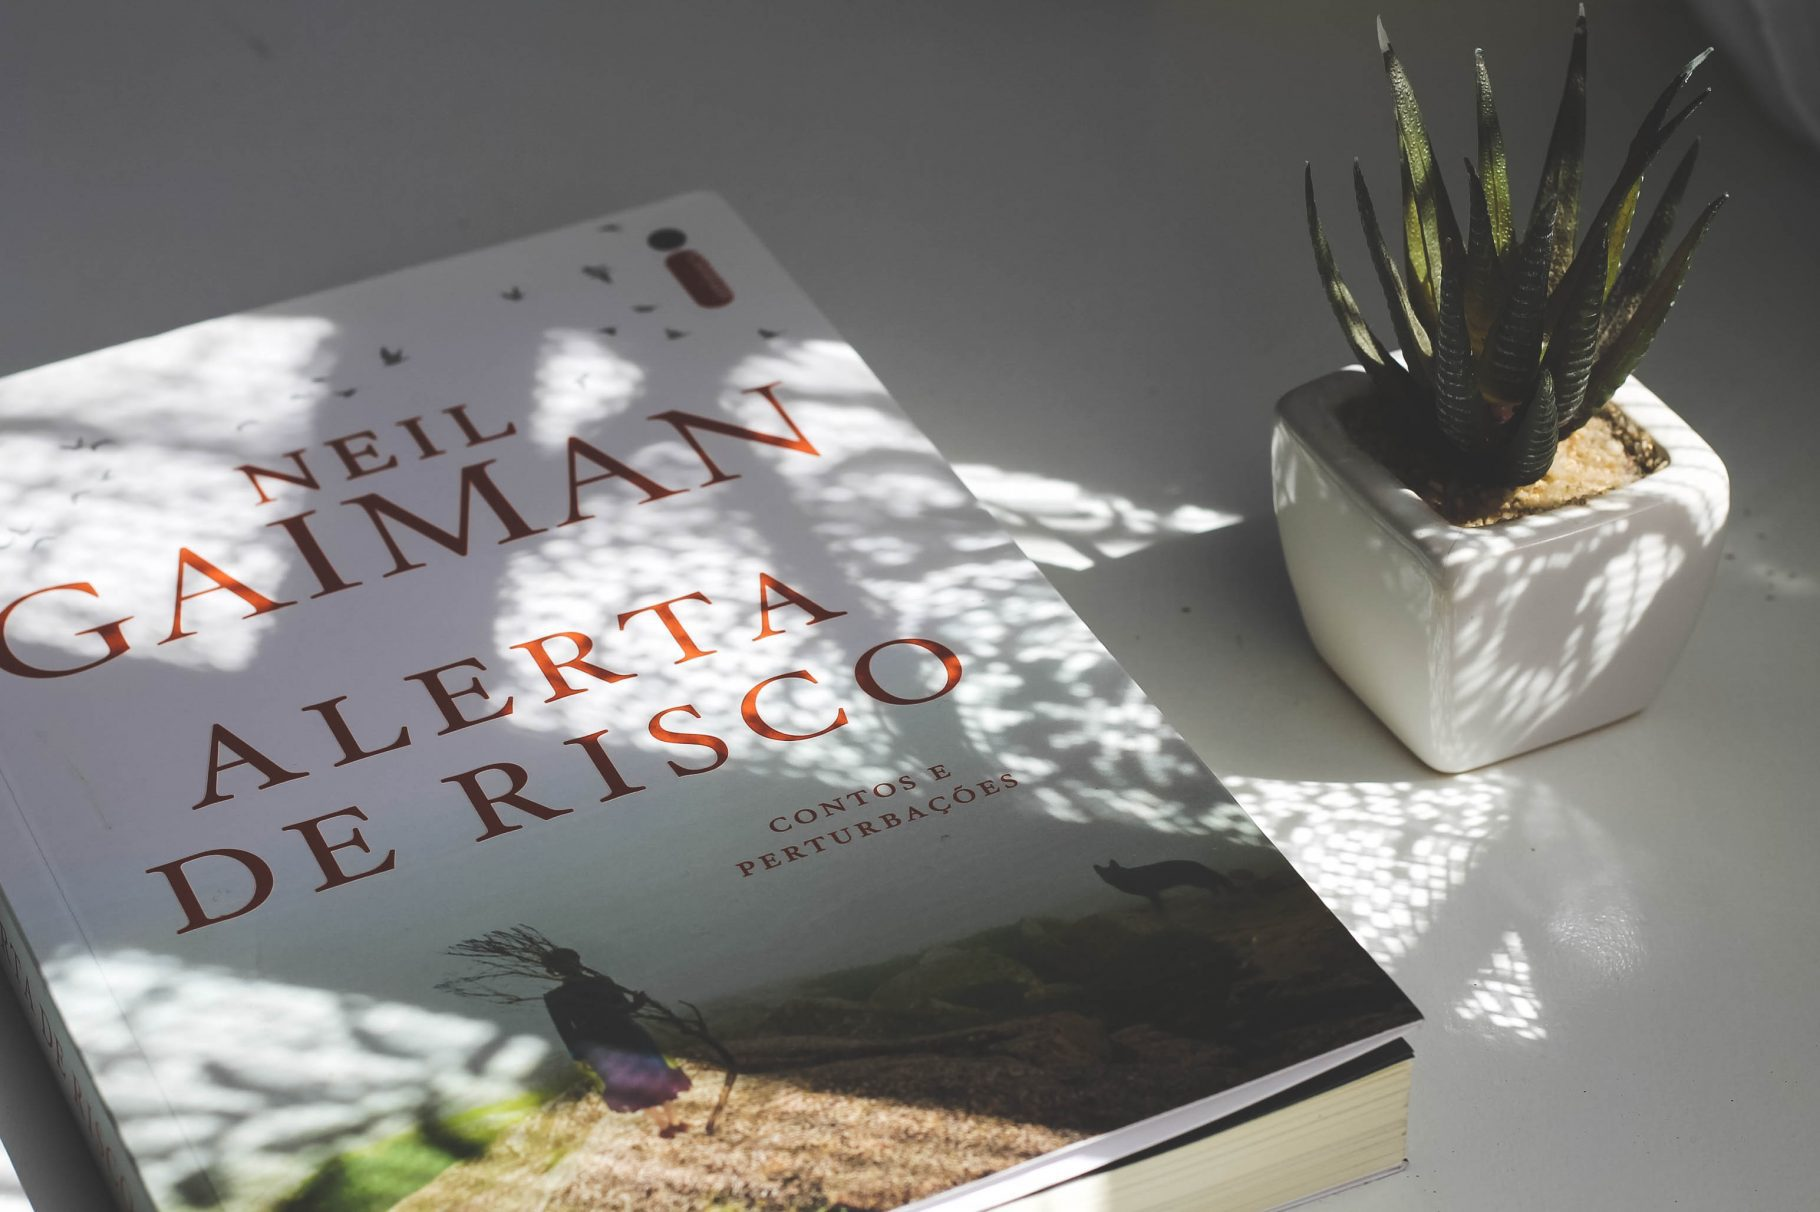 """Neil Gaiman, alertas, perturbações e ficção em """"Alerta de Risco"""""""